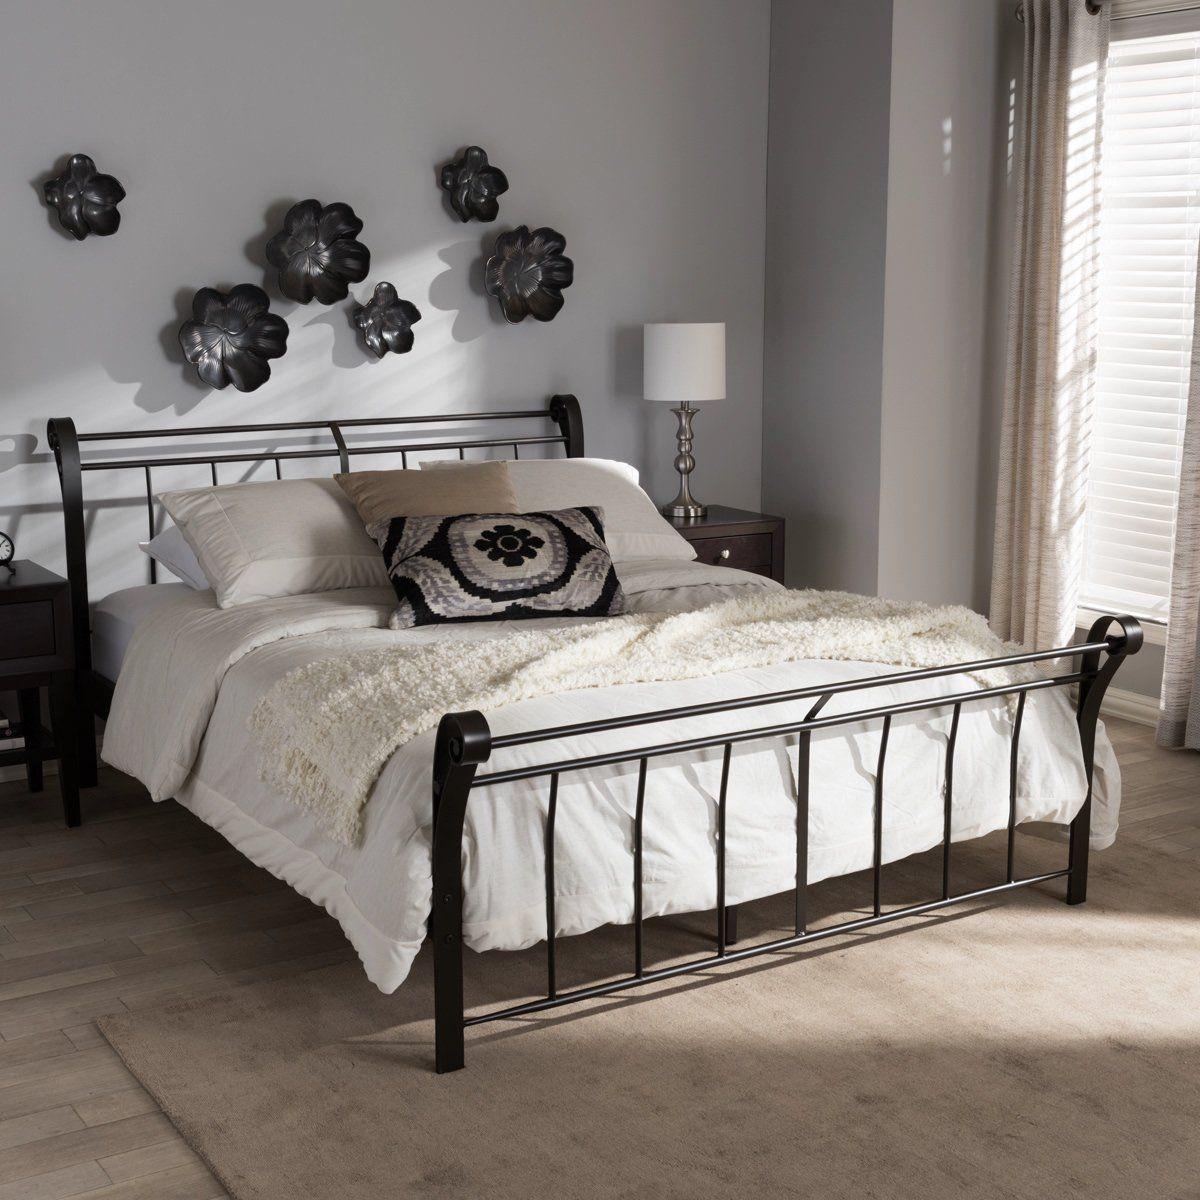 Best Baxton Studio Sienna Black Metal Queen Size Platform Bed 400 x 300